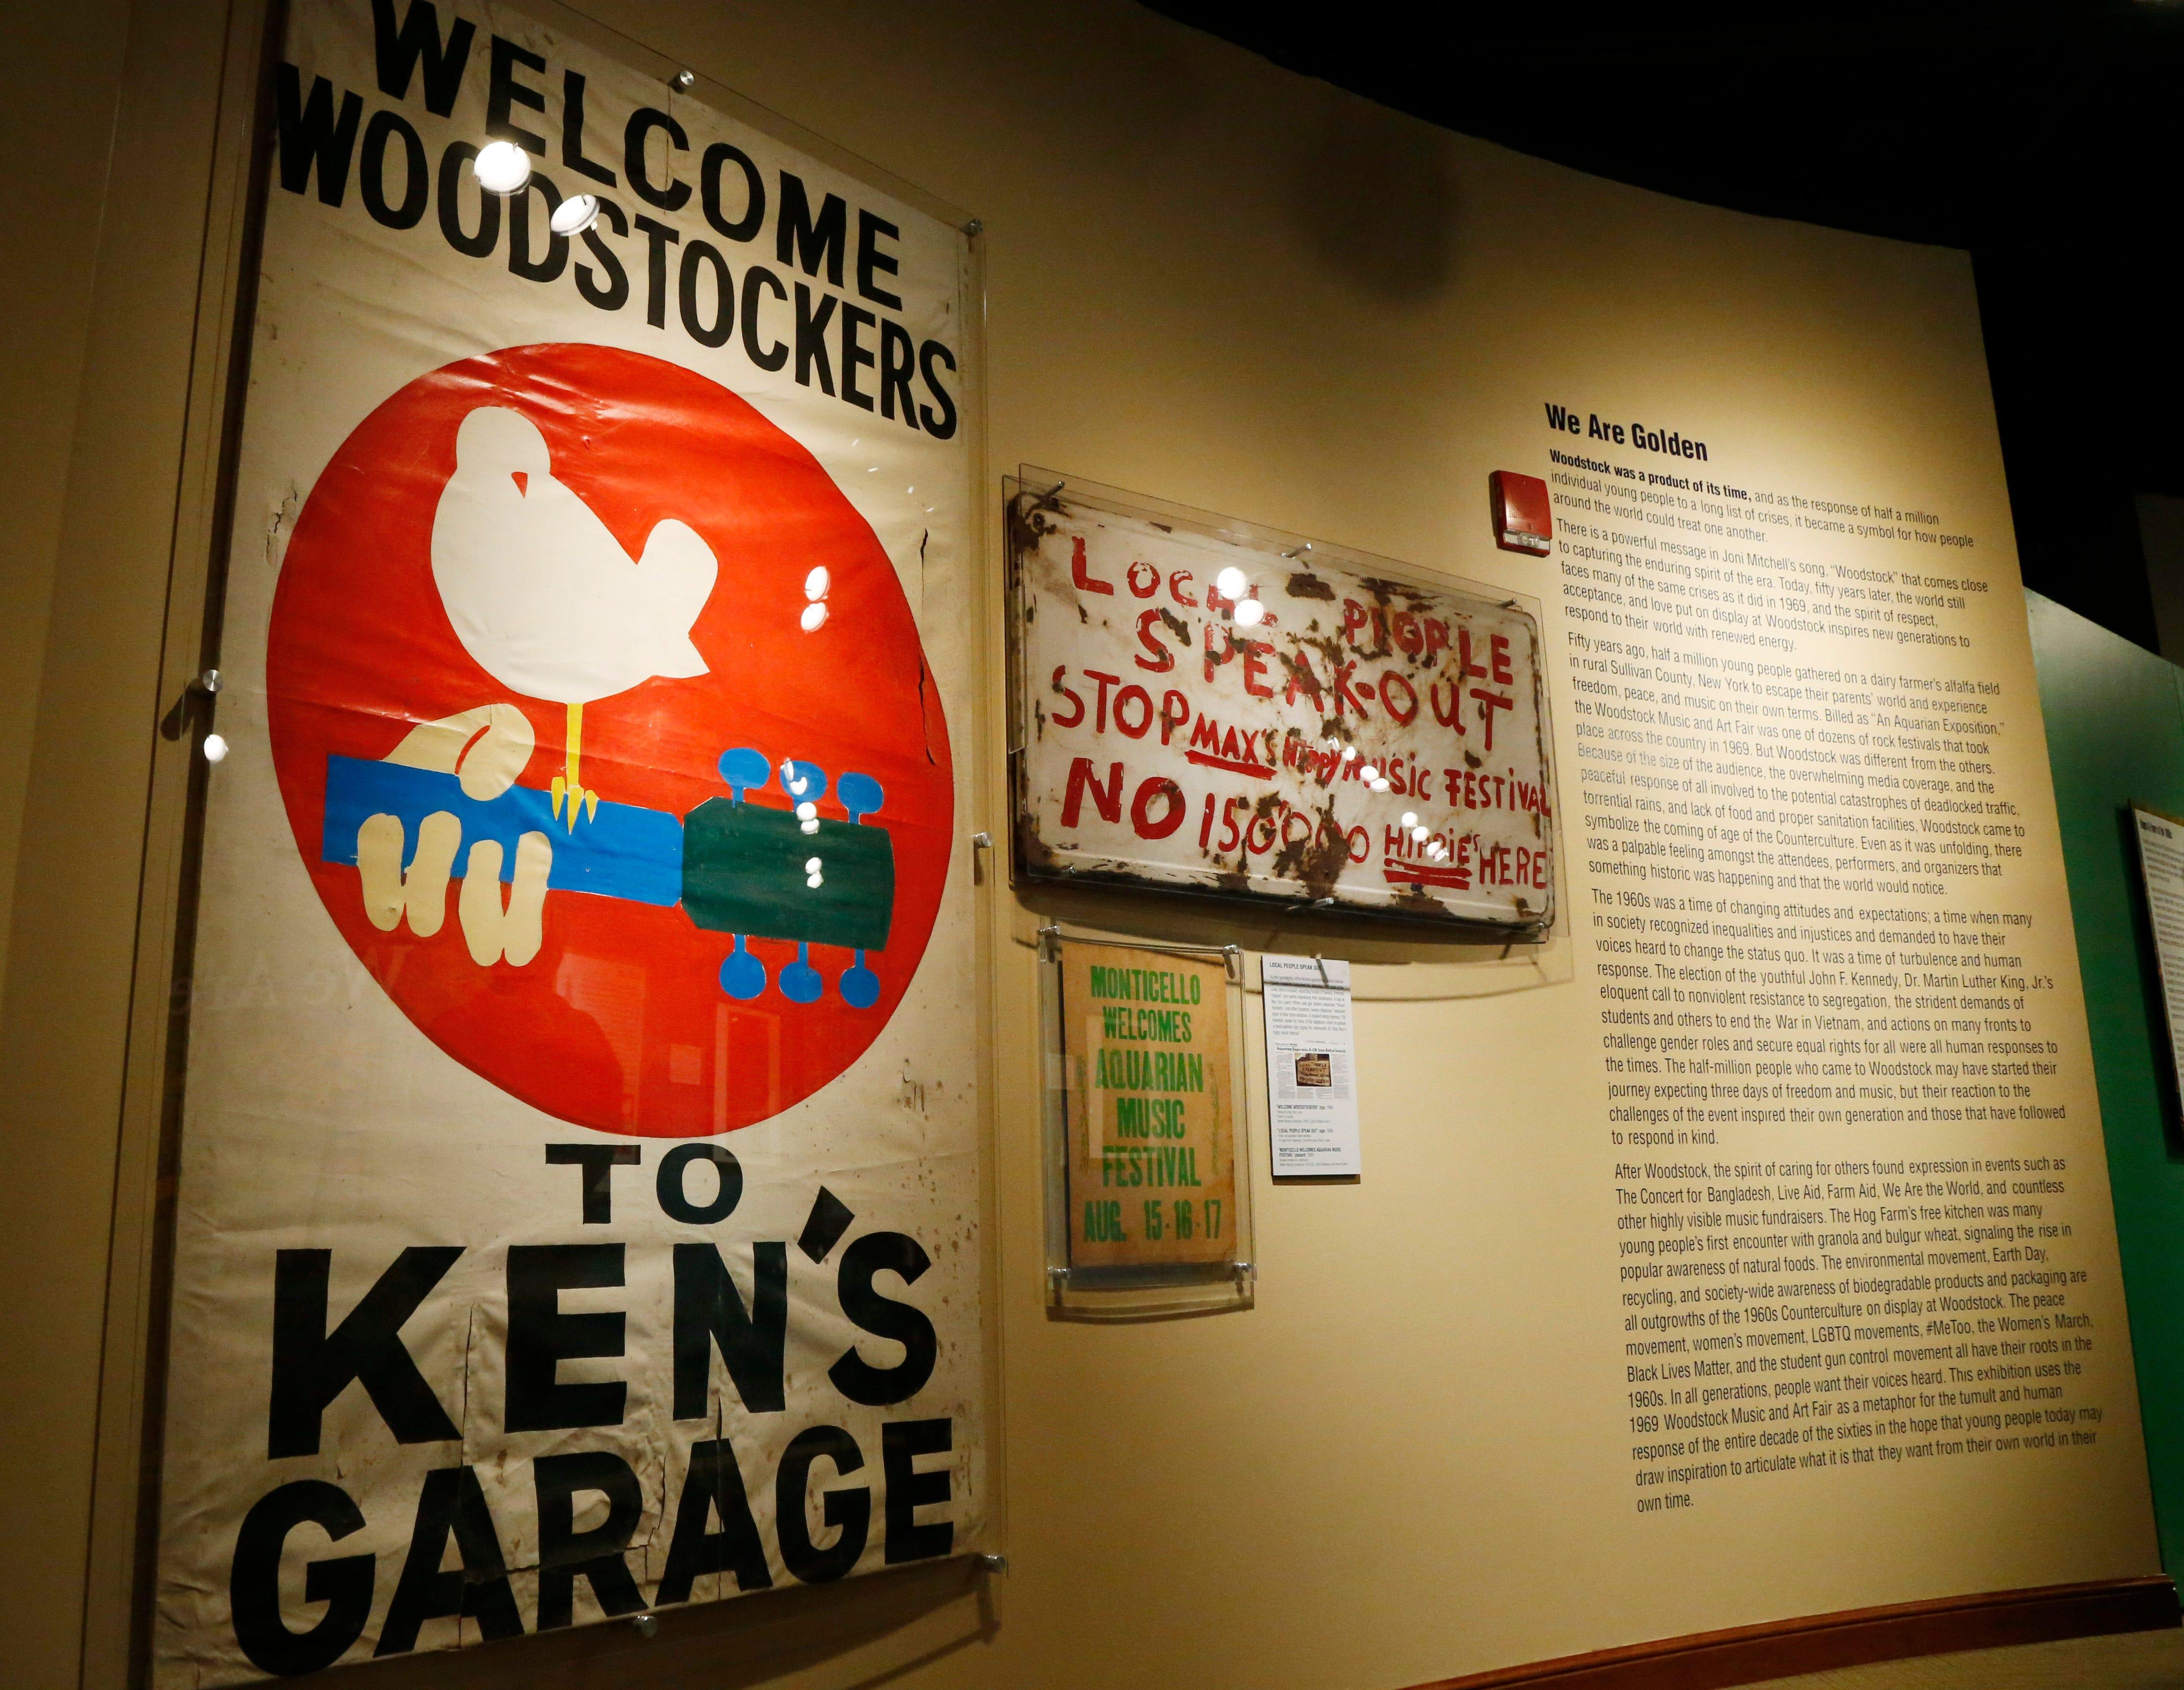 Video: 'We Are Golden' Woodstock anniversary exhibit